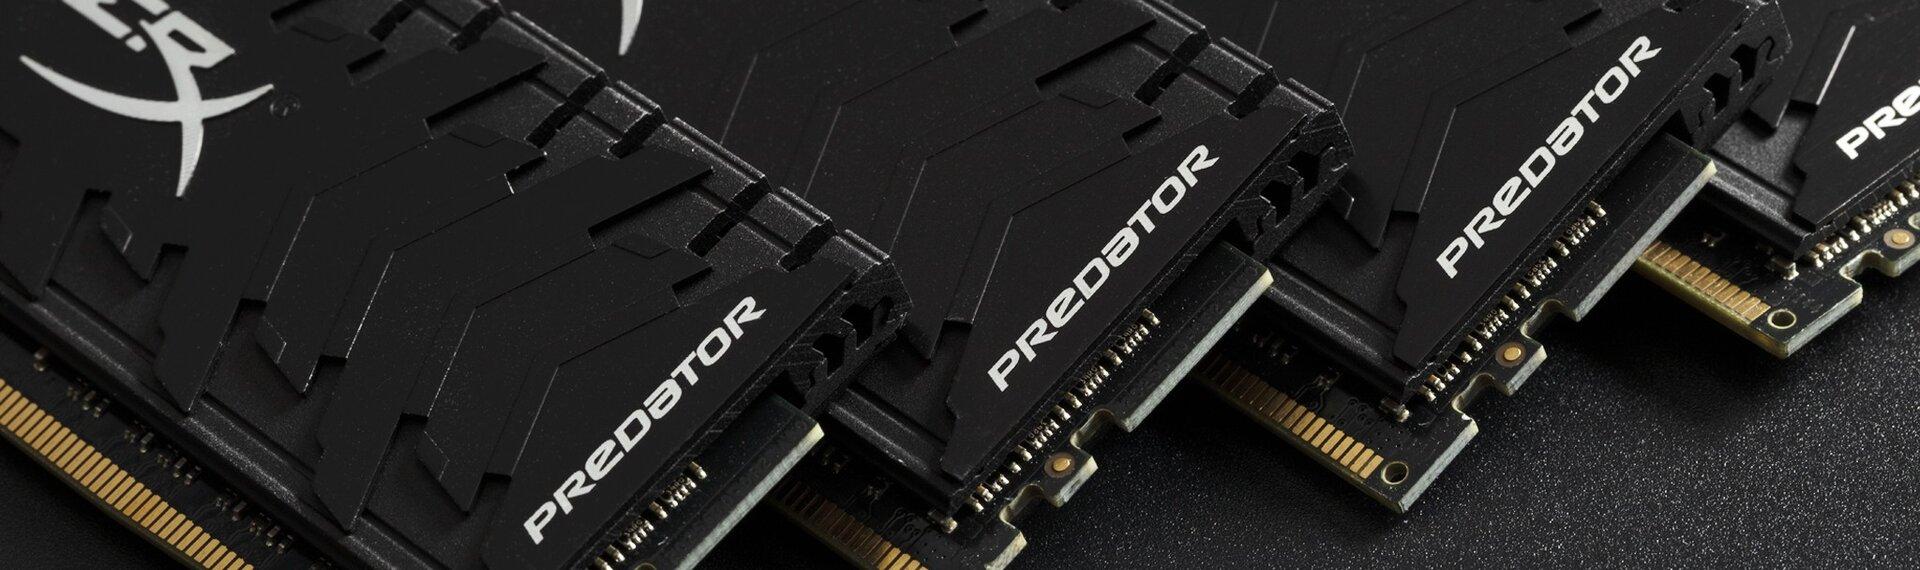 HyperX Predator (2020)